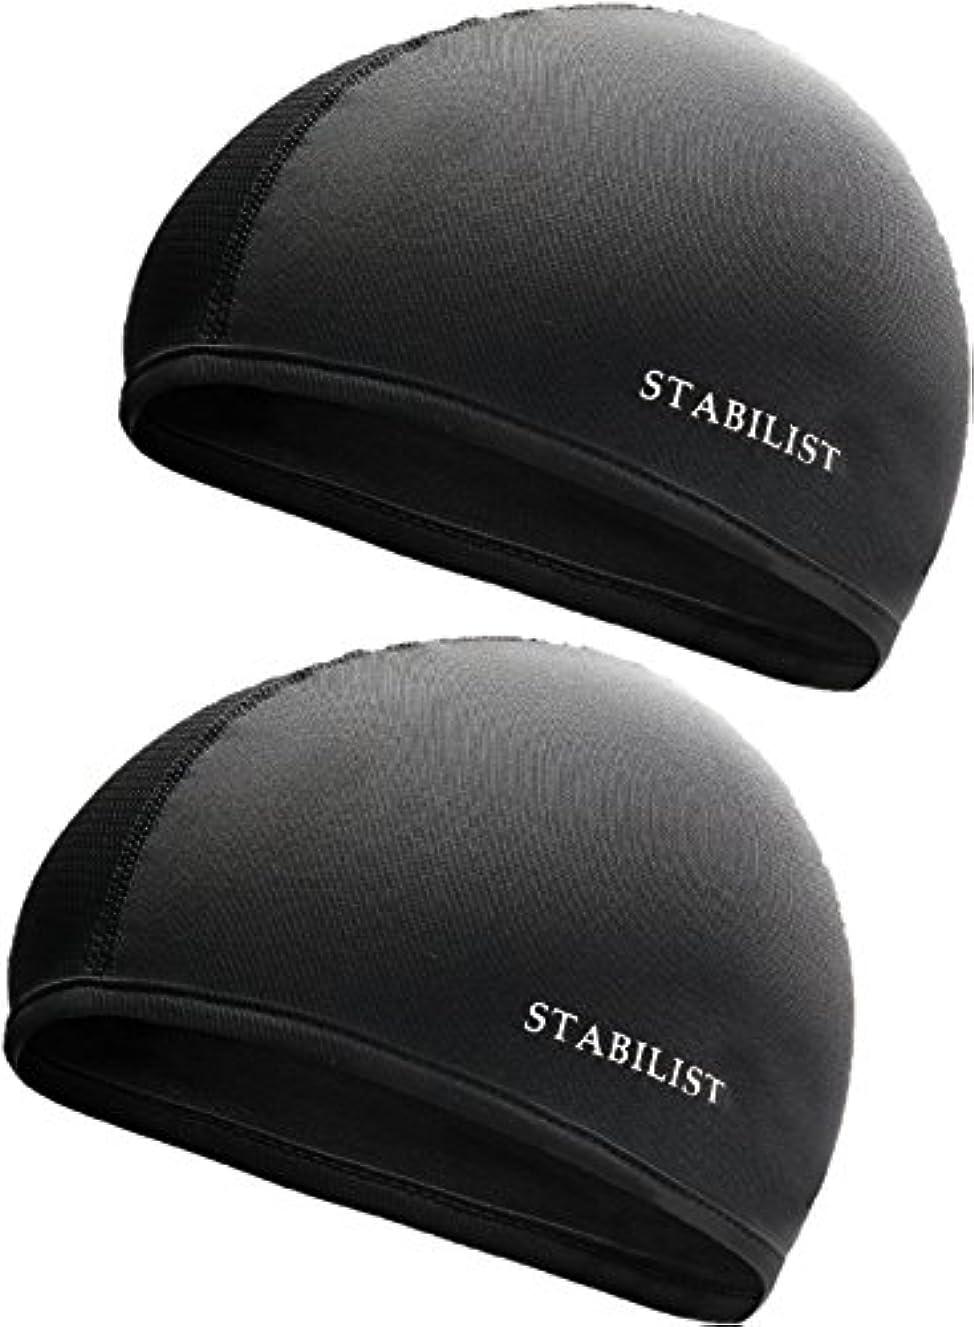 後背の高い電気的STABILIST インナーキャップ ヘルメット 蒸れ 吸汗 速乾 汗取り フリーサイズ サイクリング 2枚組 ドライ フィット 消臭 抗菌 ビーニー スカル キャップ (黒)